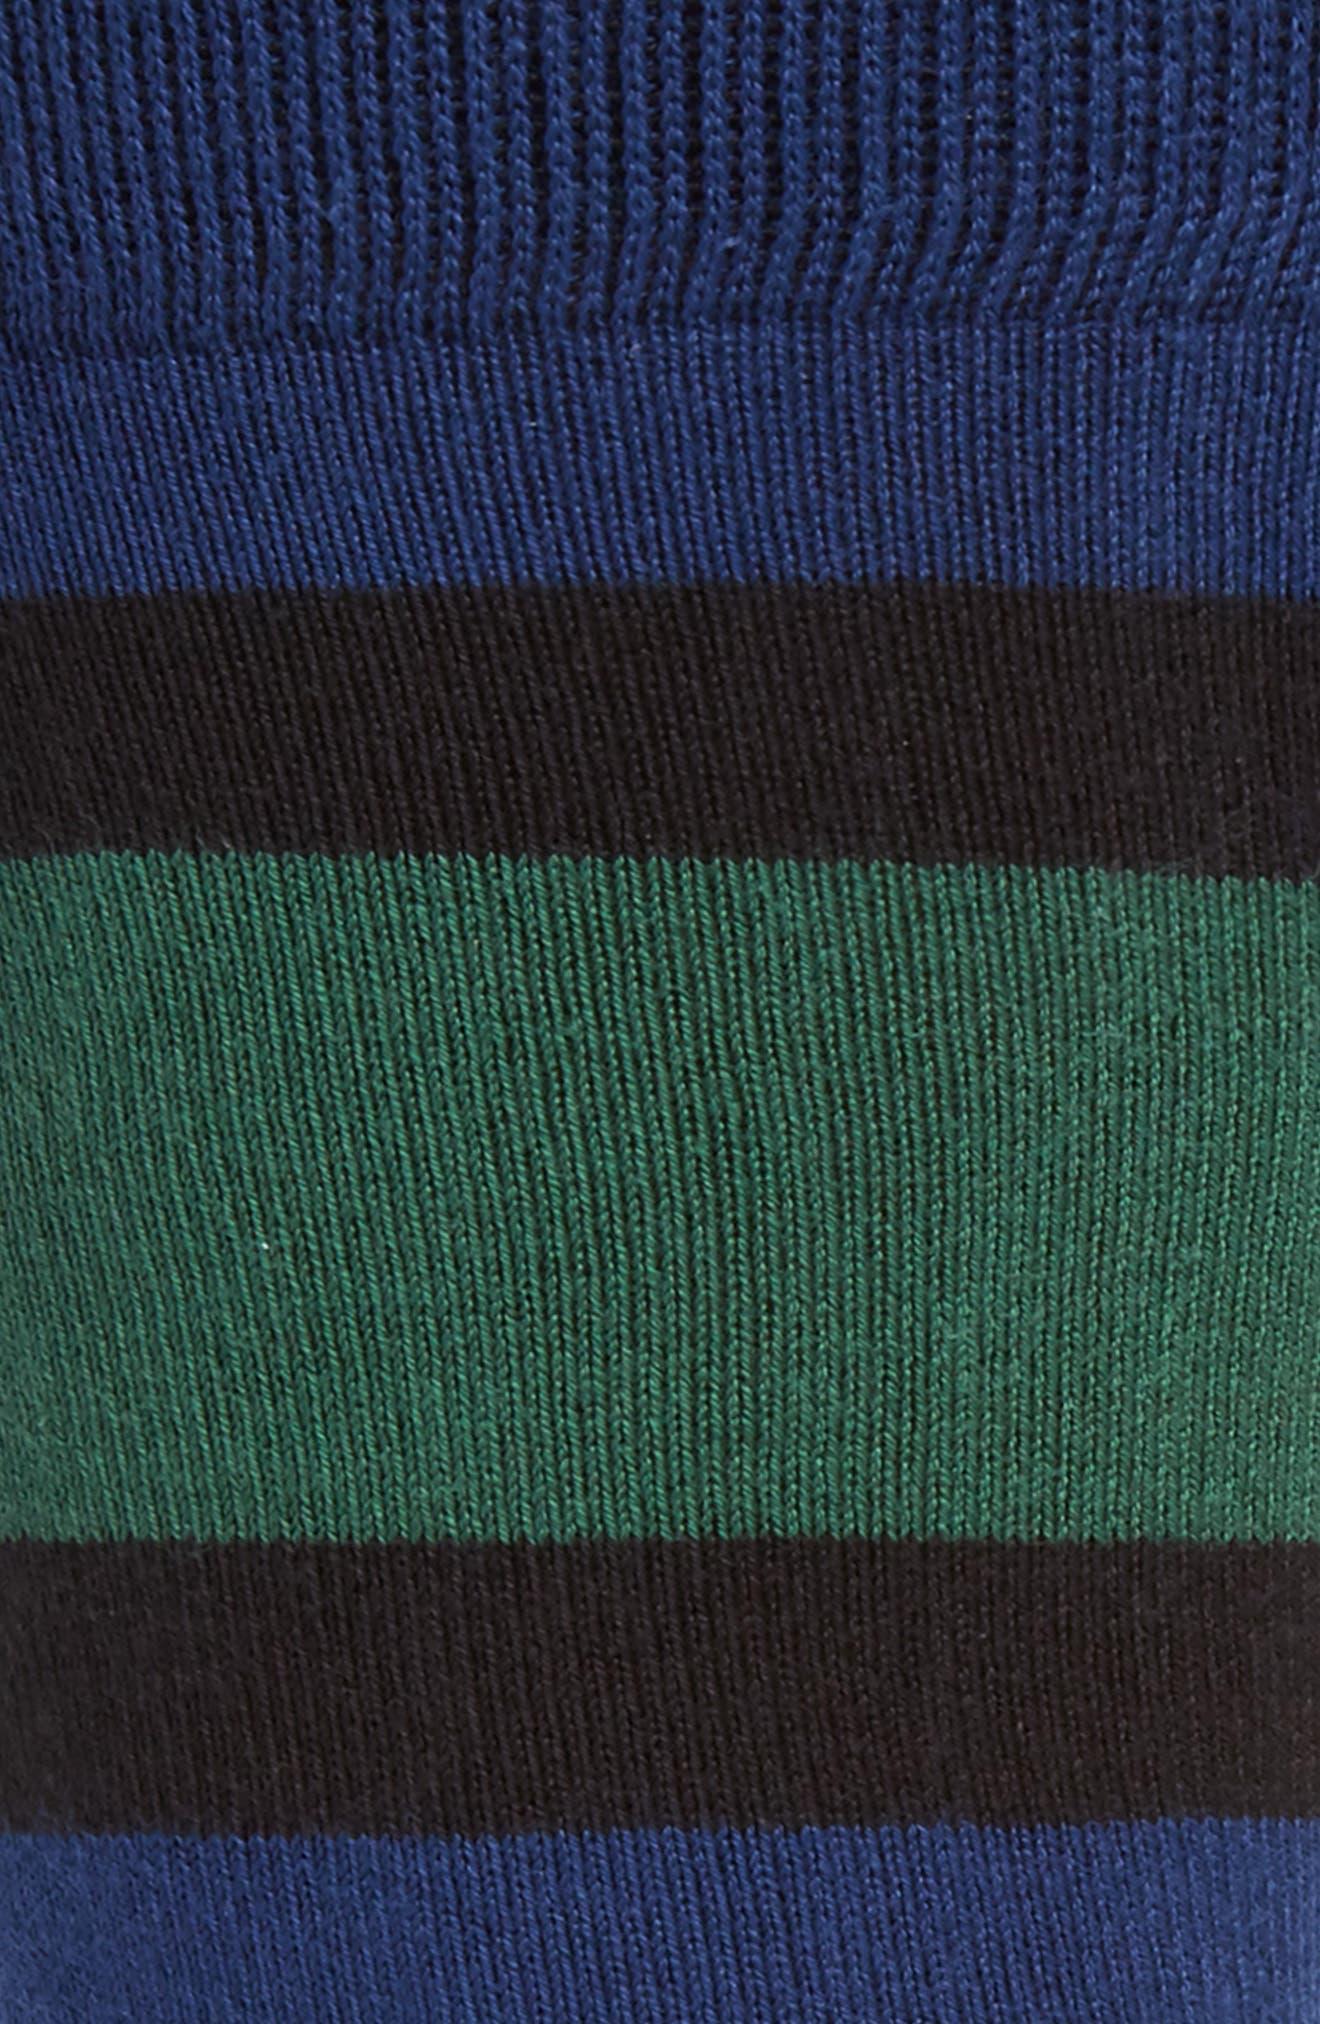 Alternate Image 2  - Paul Smith Odd Block Stripe Socks